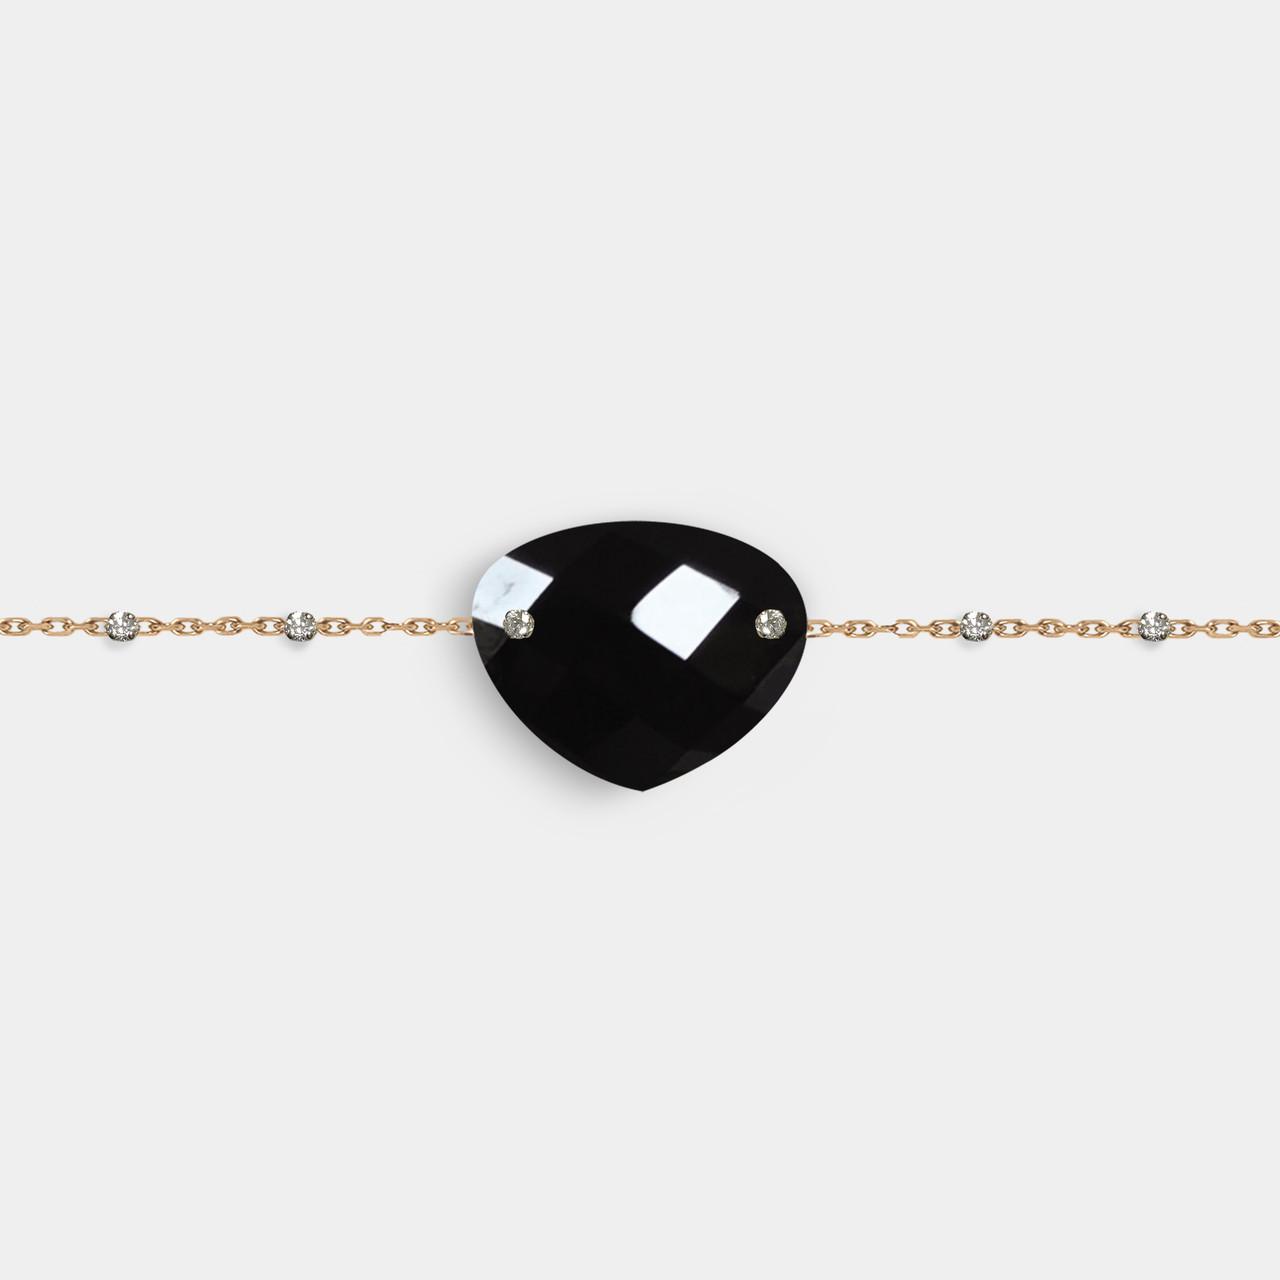 Bracelet Onyx, Bracelet Pierre Noire, Bracelet Femme Pierre Noire